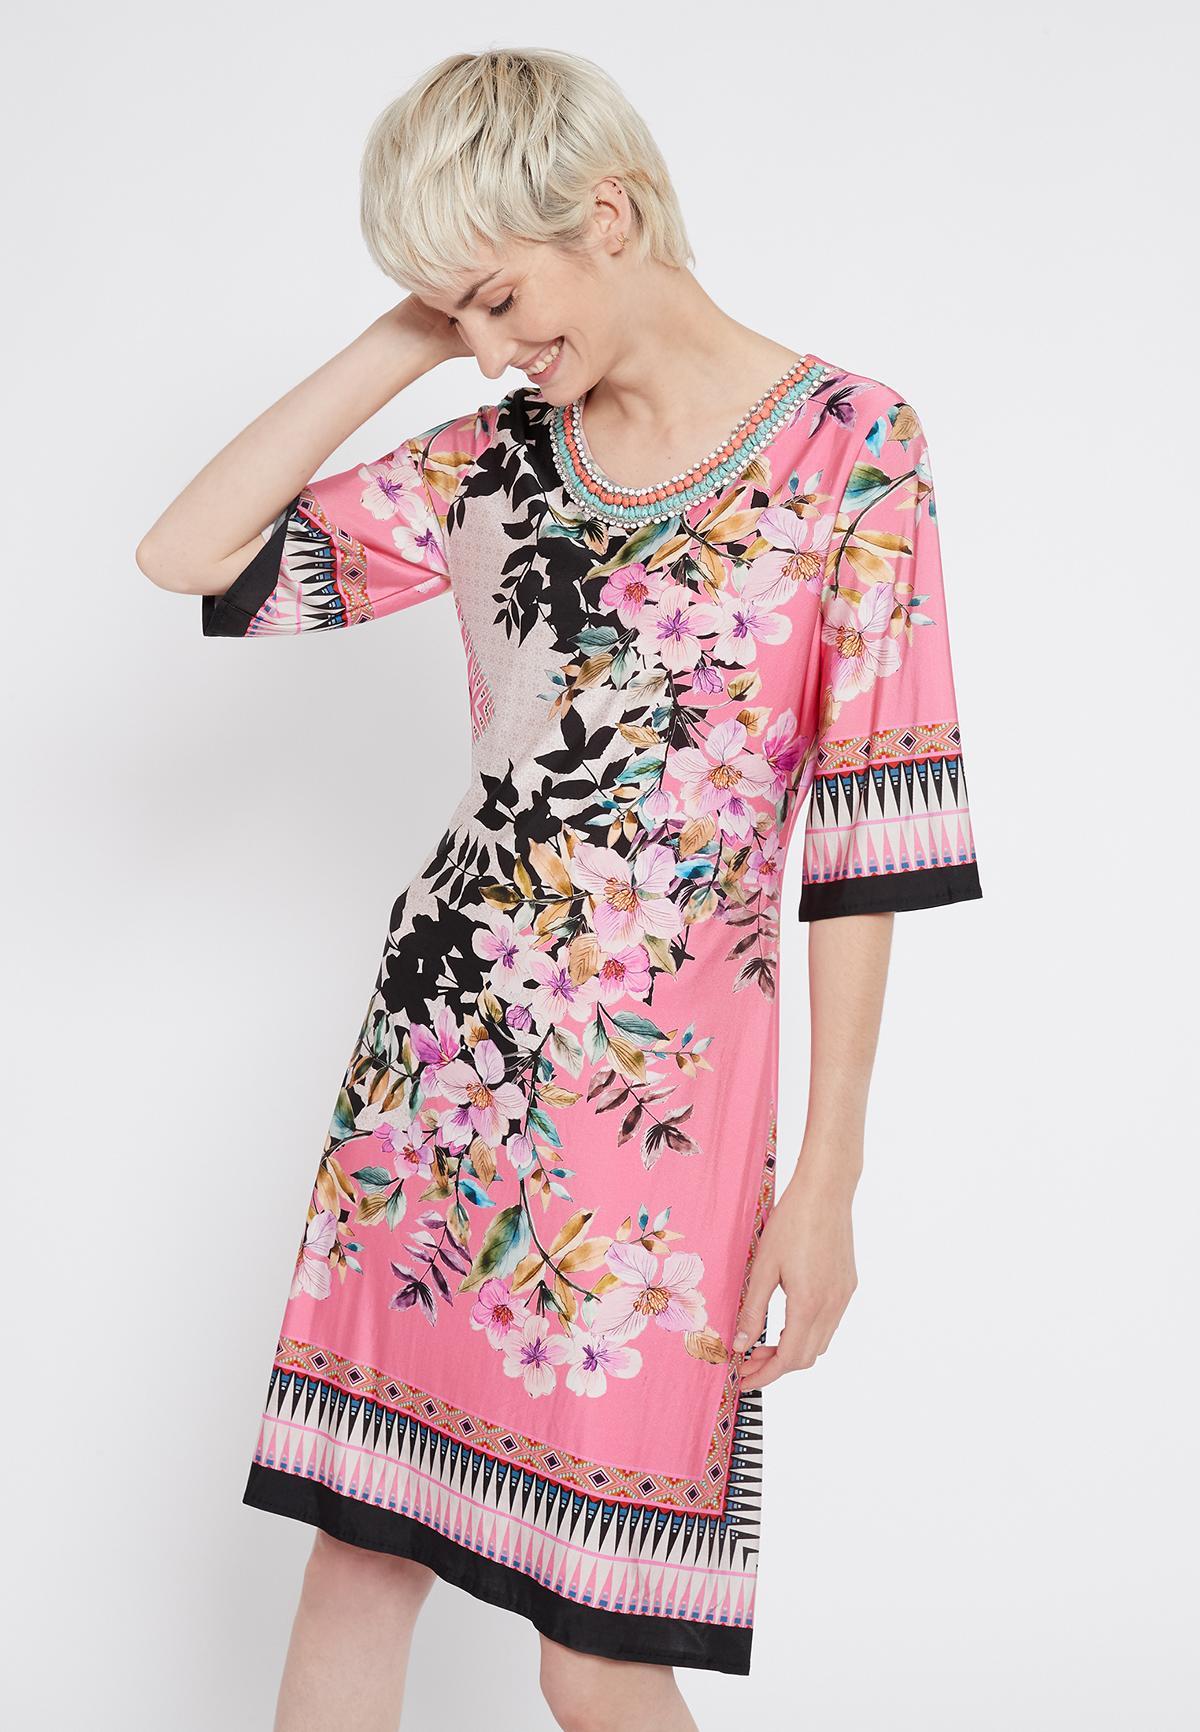 Vooraanzicht van Ana Alcazar Korte Mouw Jurk Shepsy  gedragen per model